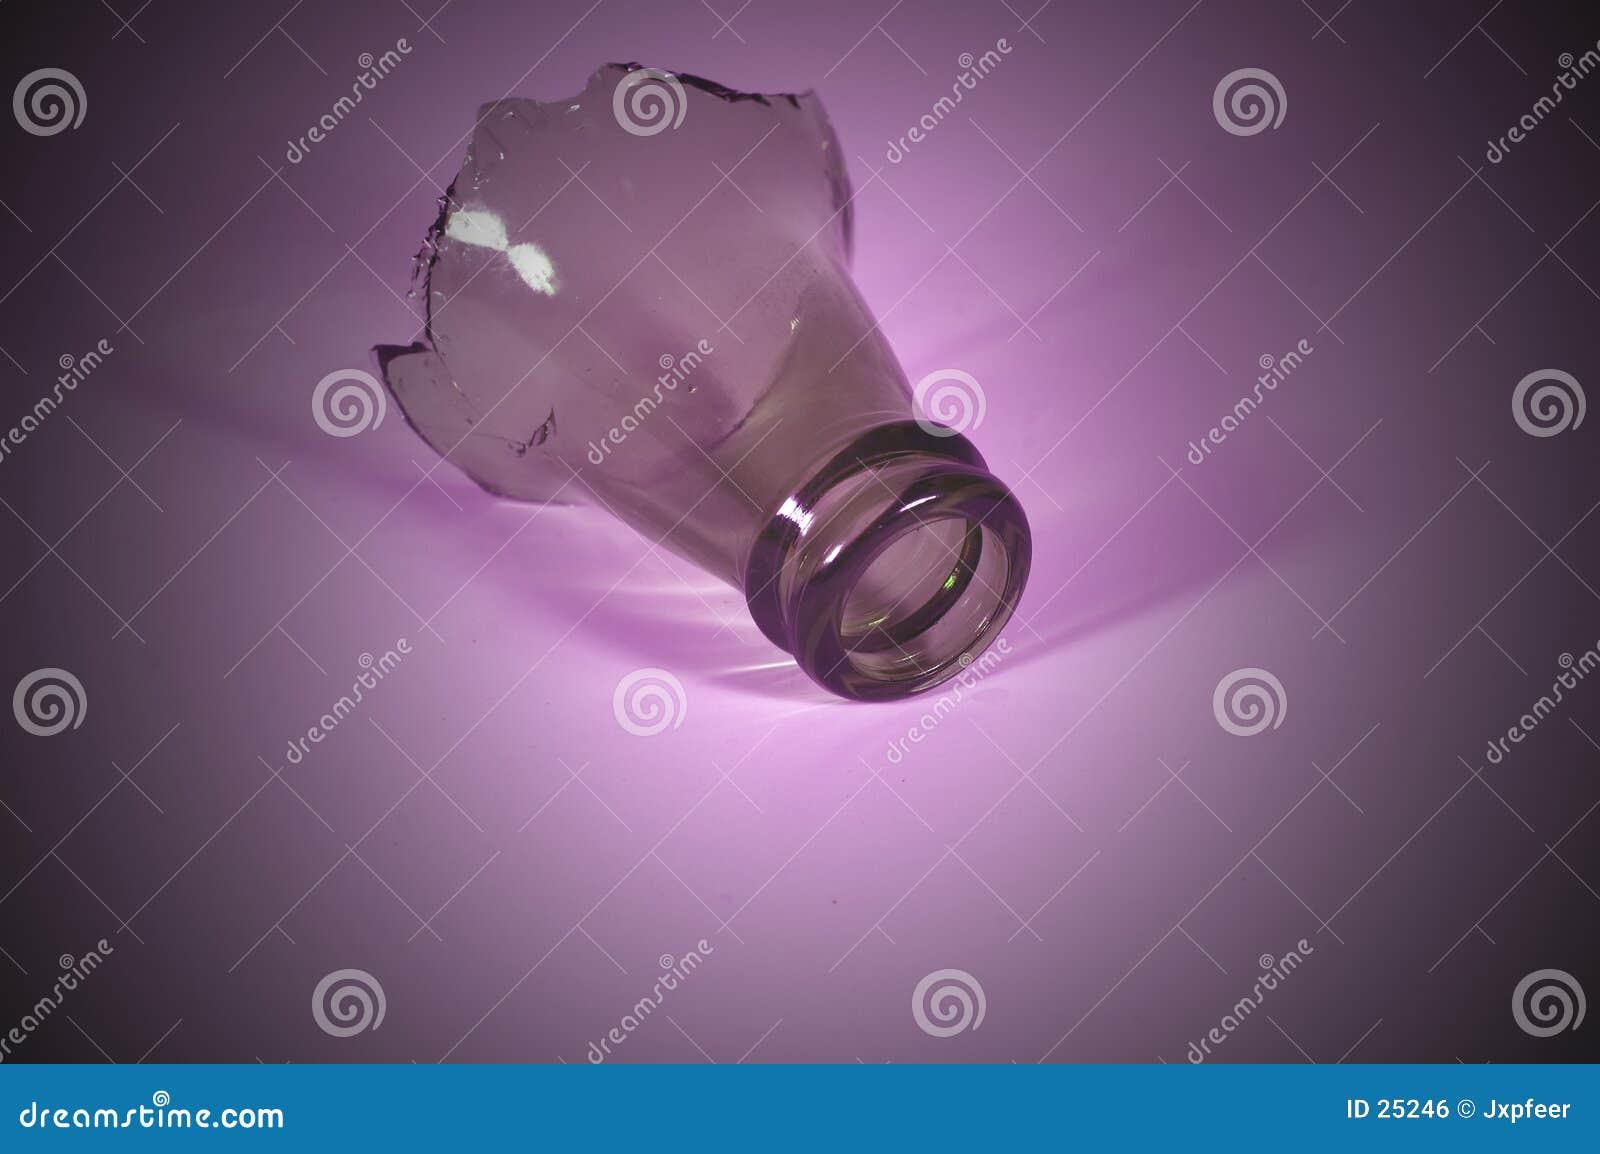 Flaschenoberseite - Purpur